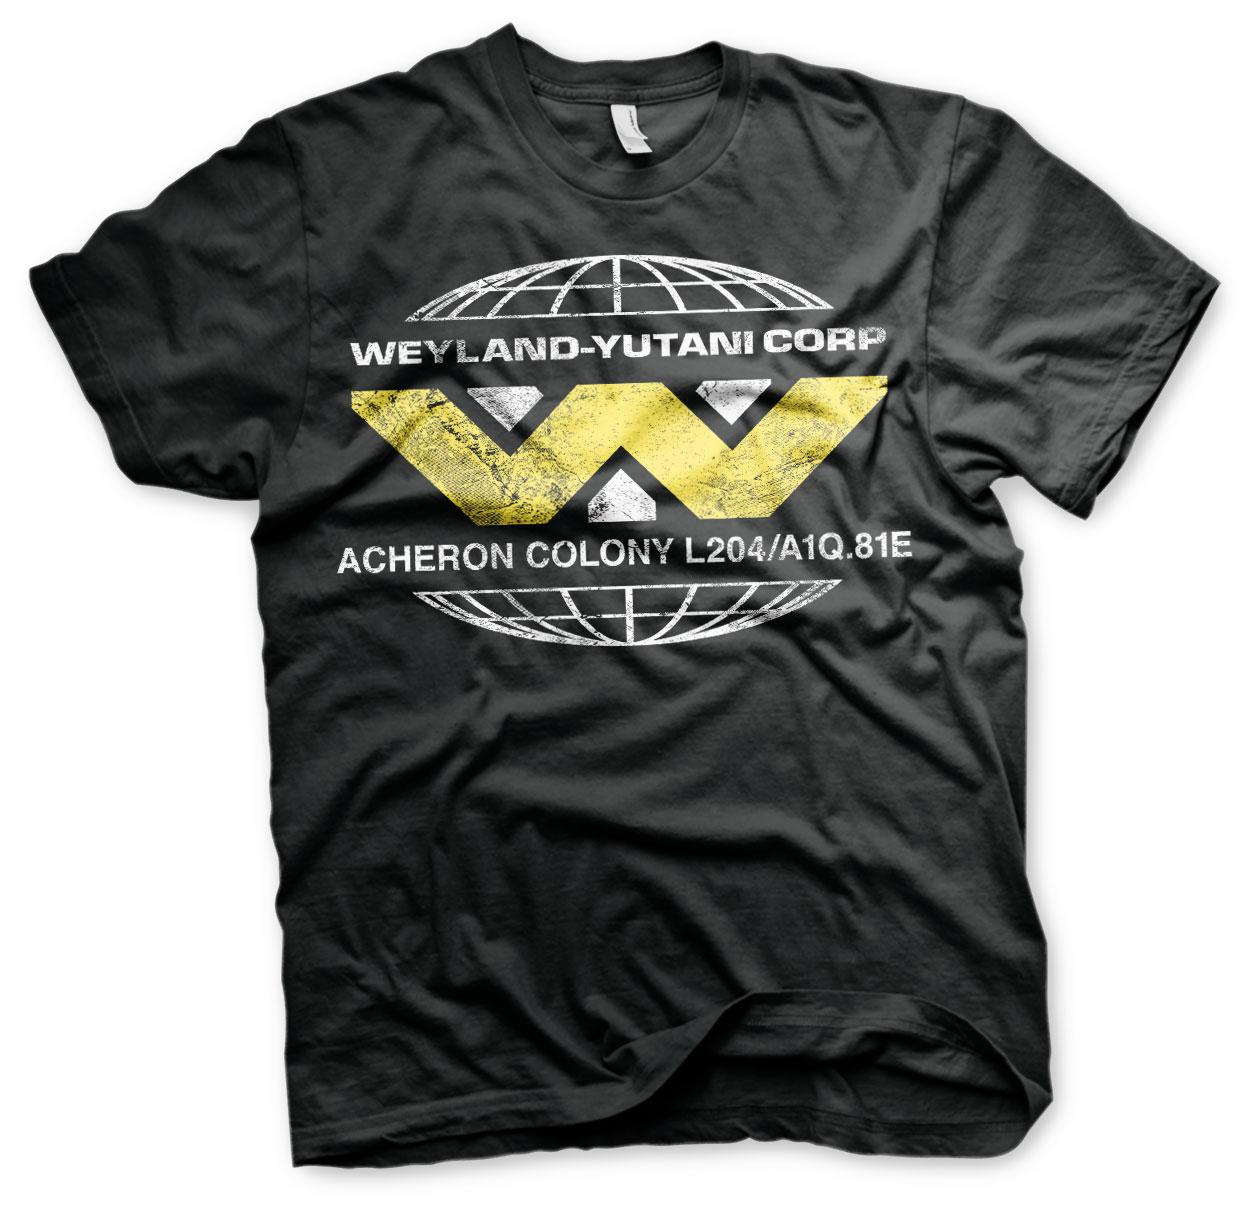 aliens-wayland-yutani-corporation-t-shirt